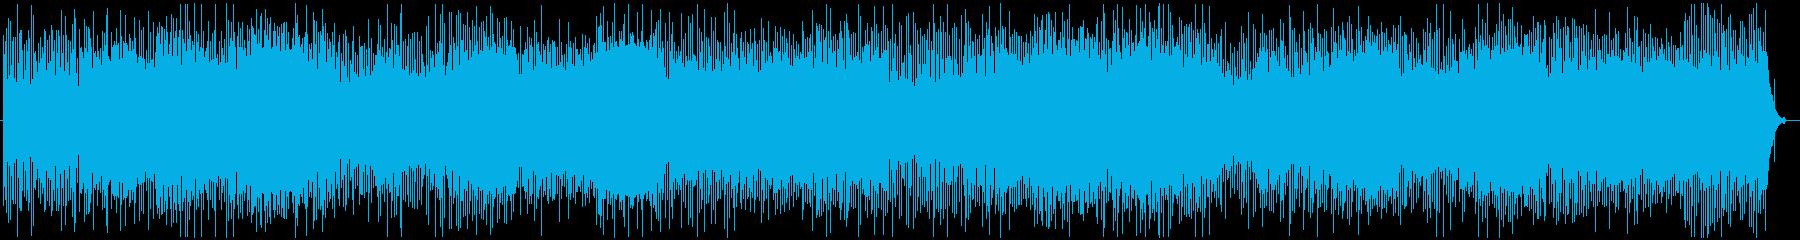 パッドとバブリングシンセを備えたク...の再生済みの波形